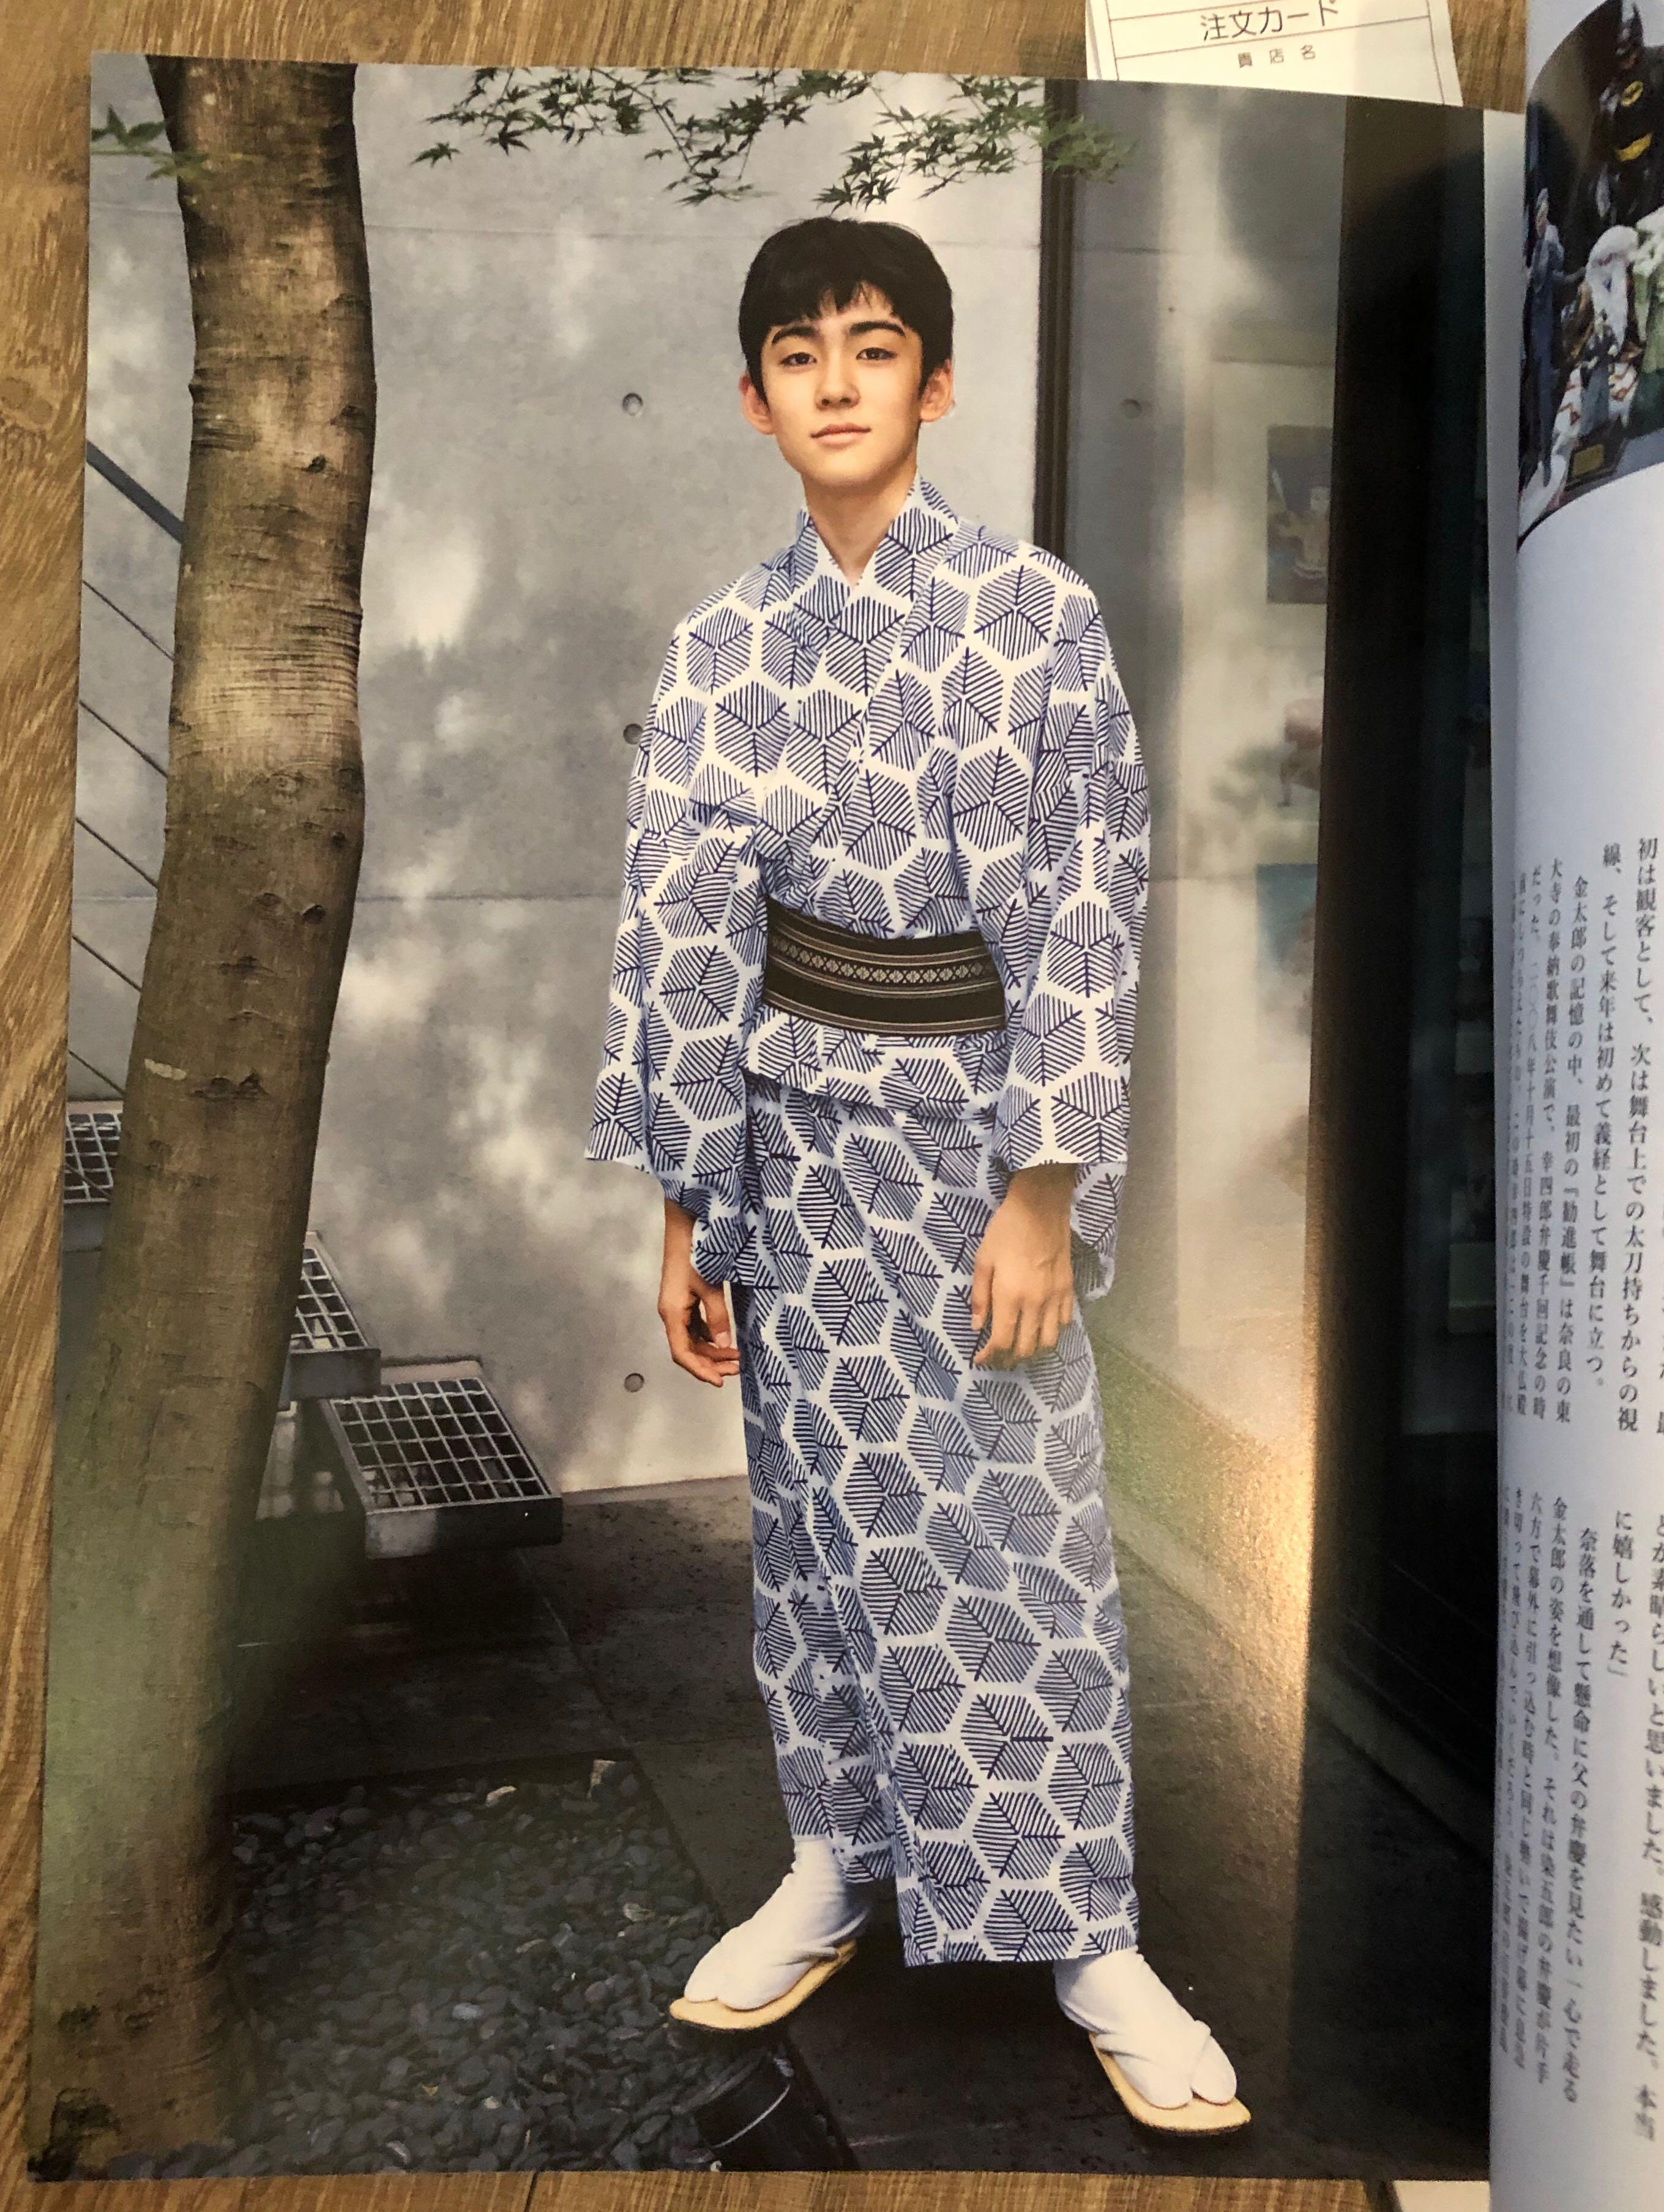 日文雜誌SWITH 2017年11月號|松本金太郎|市川染五郎|藤間齋